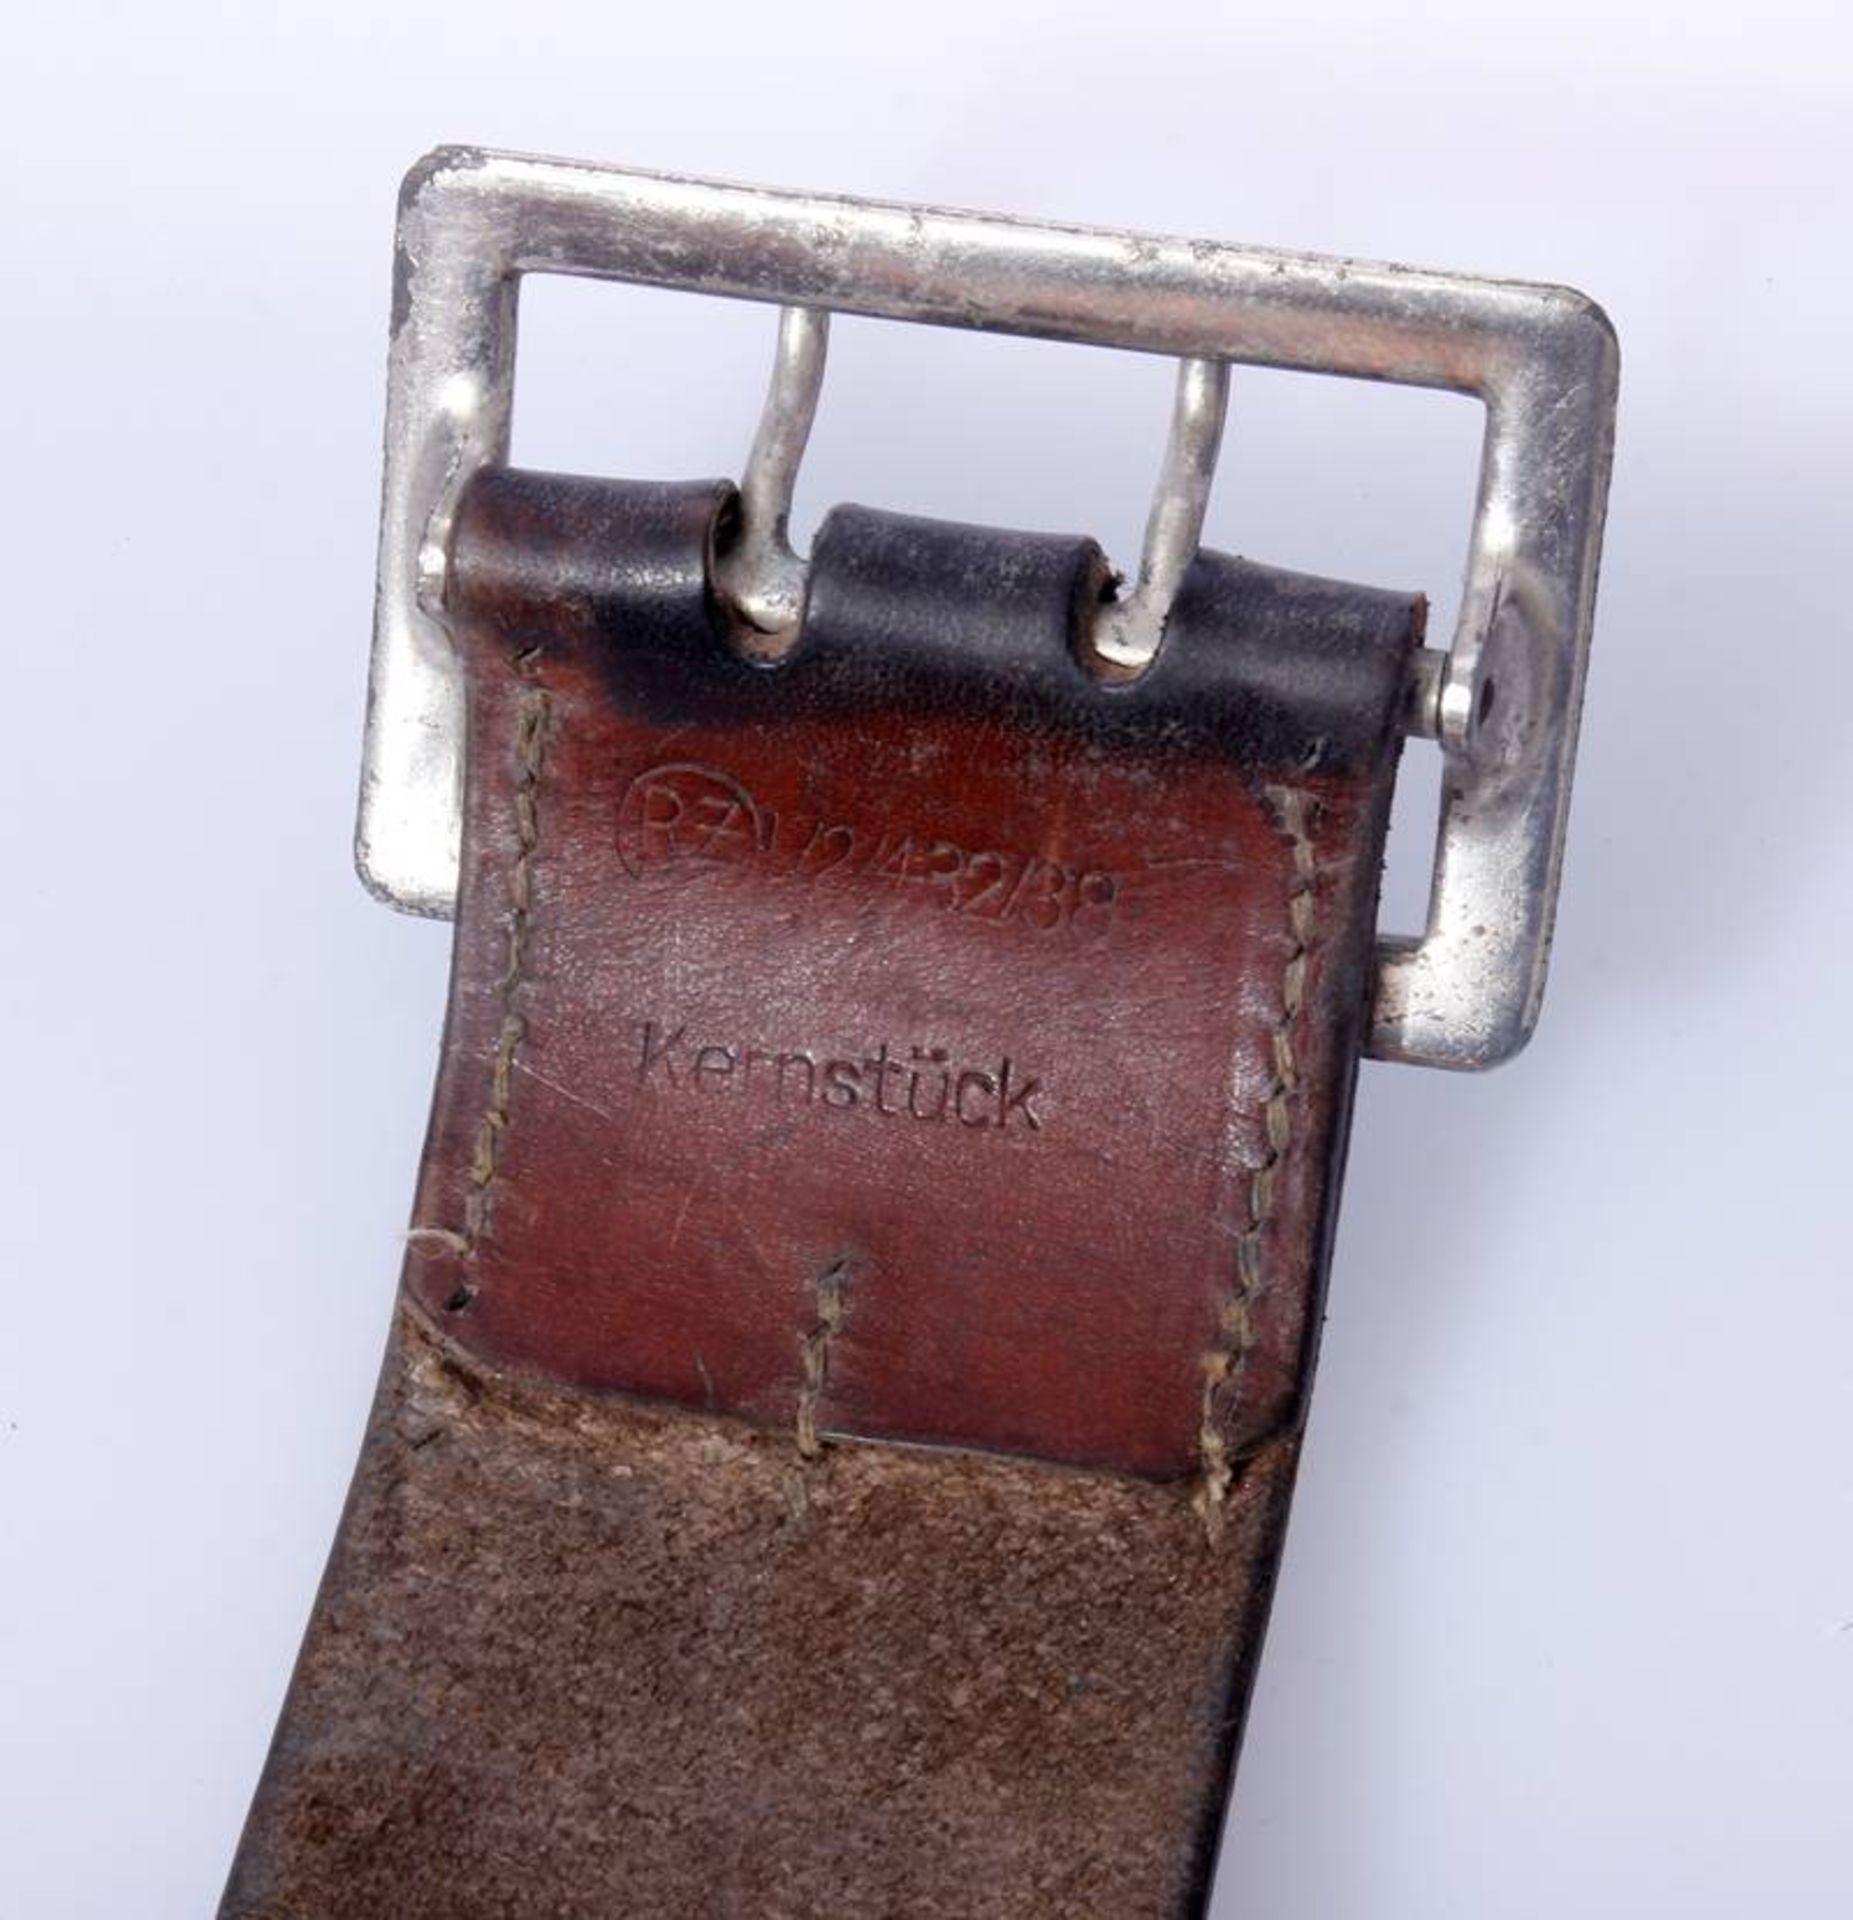 2 x Koppel für Offiziere der Wehrmacht2 x Koppel für Offiziere mit Aluminium Schließen, Leder - Bild 4 aus 7